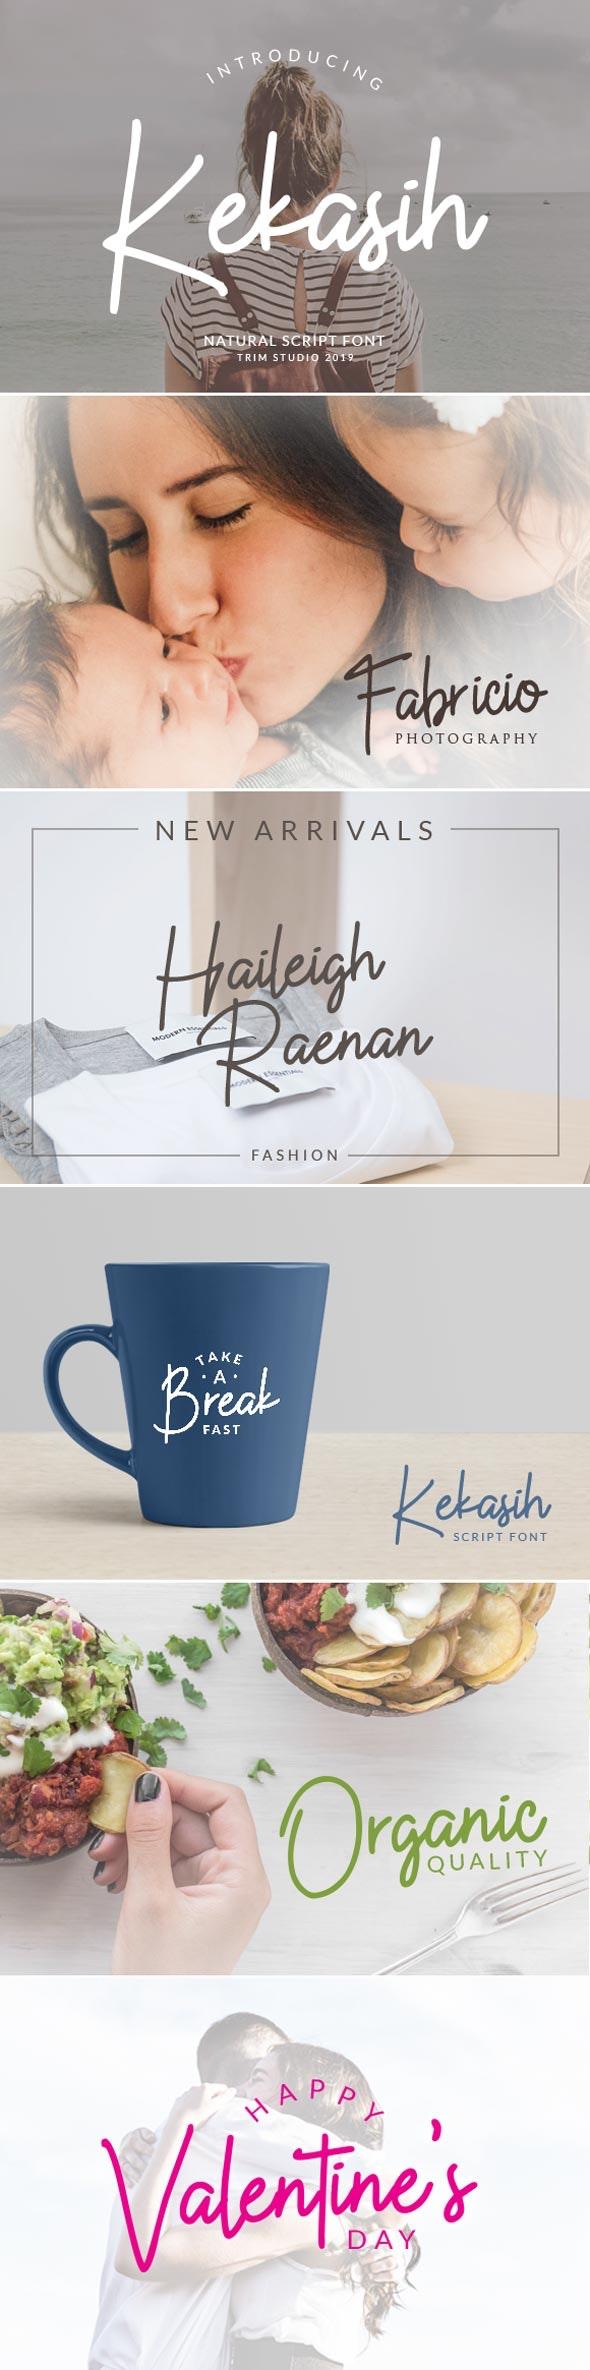 Kekasih Signature Typeface - Hand-writing Script